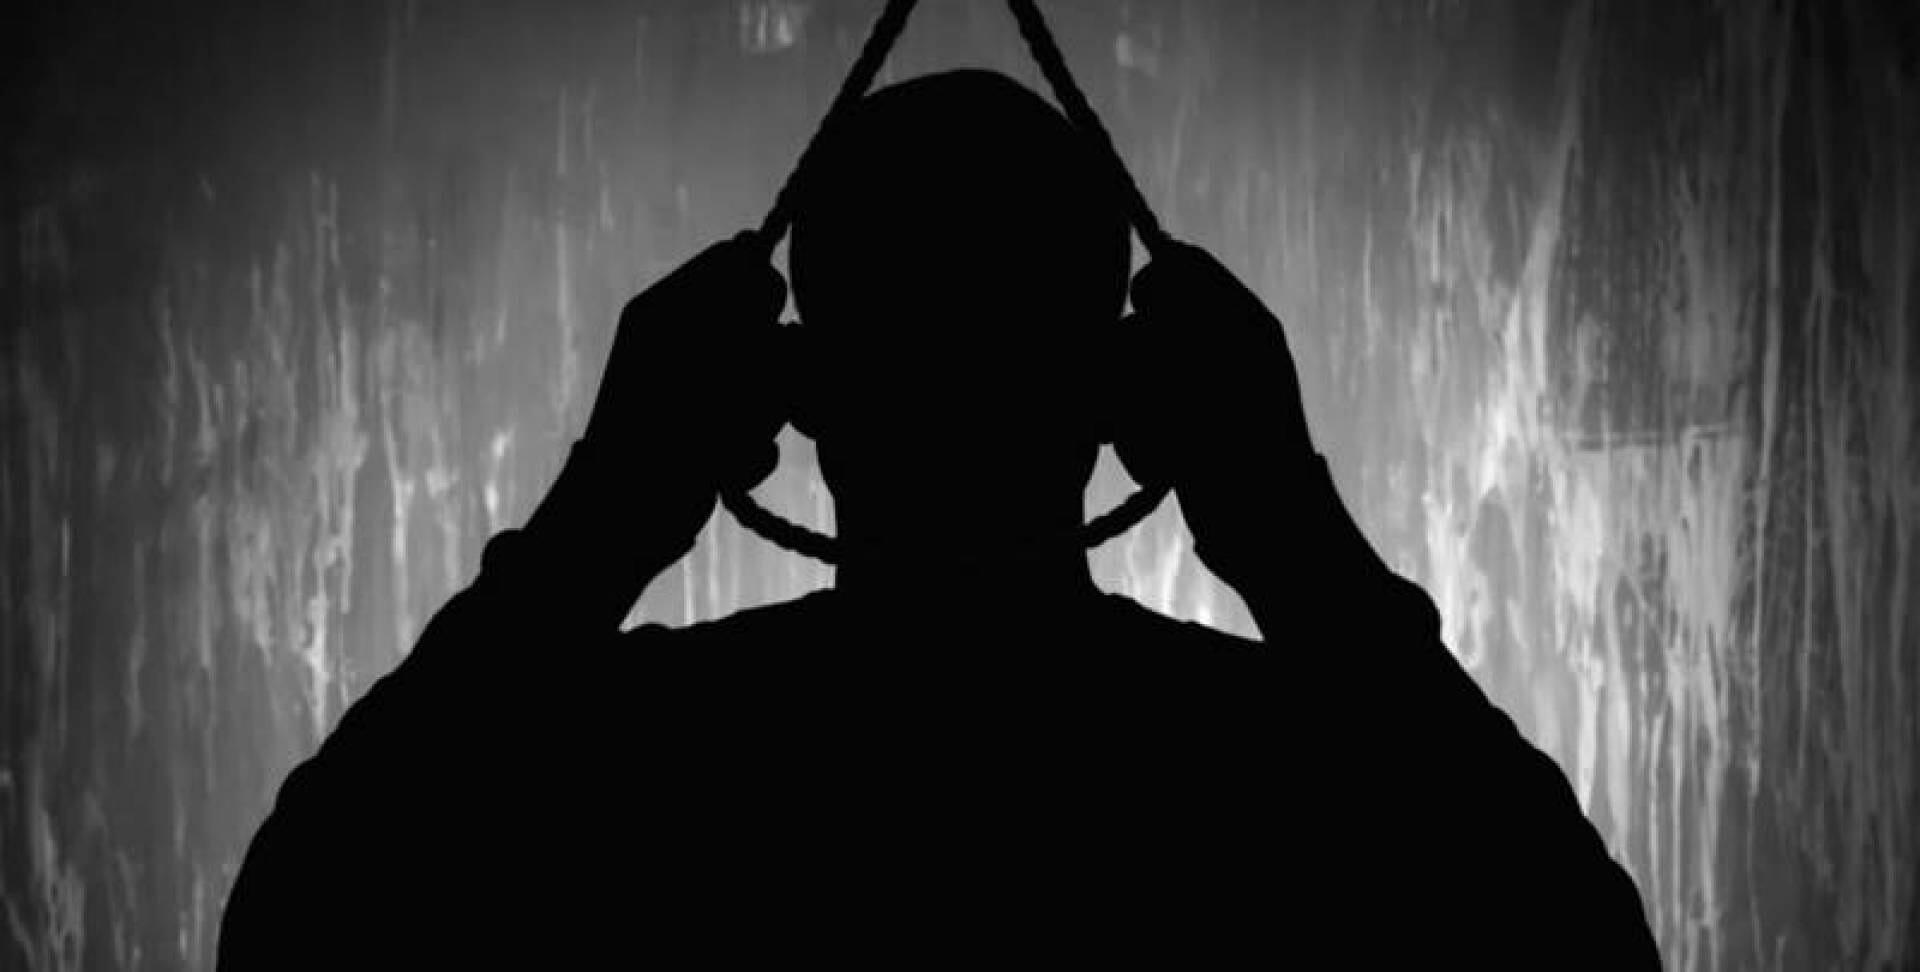 انتحار شاب من البدون في مخفر الصليبية يثير ضجة مجدداً في الكويت .. ماذا يحدث لهذه الفئة؟!